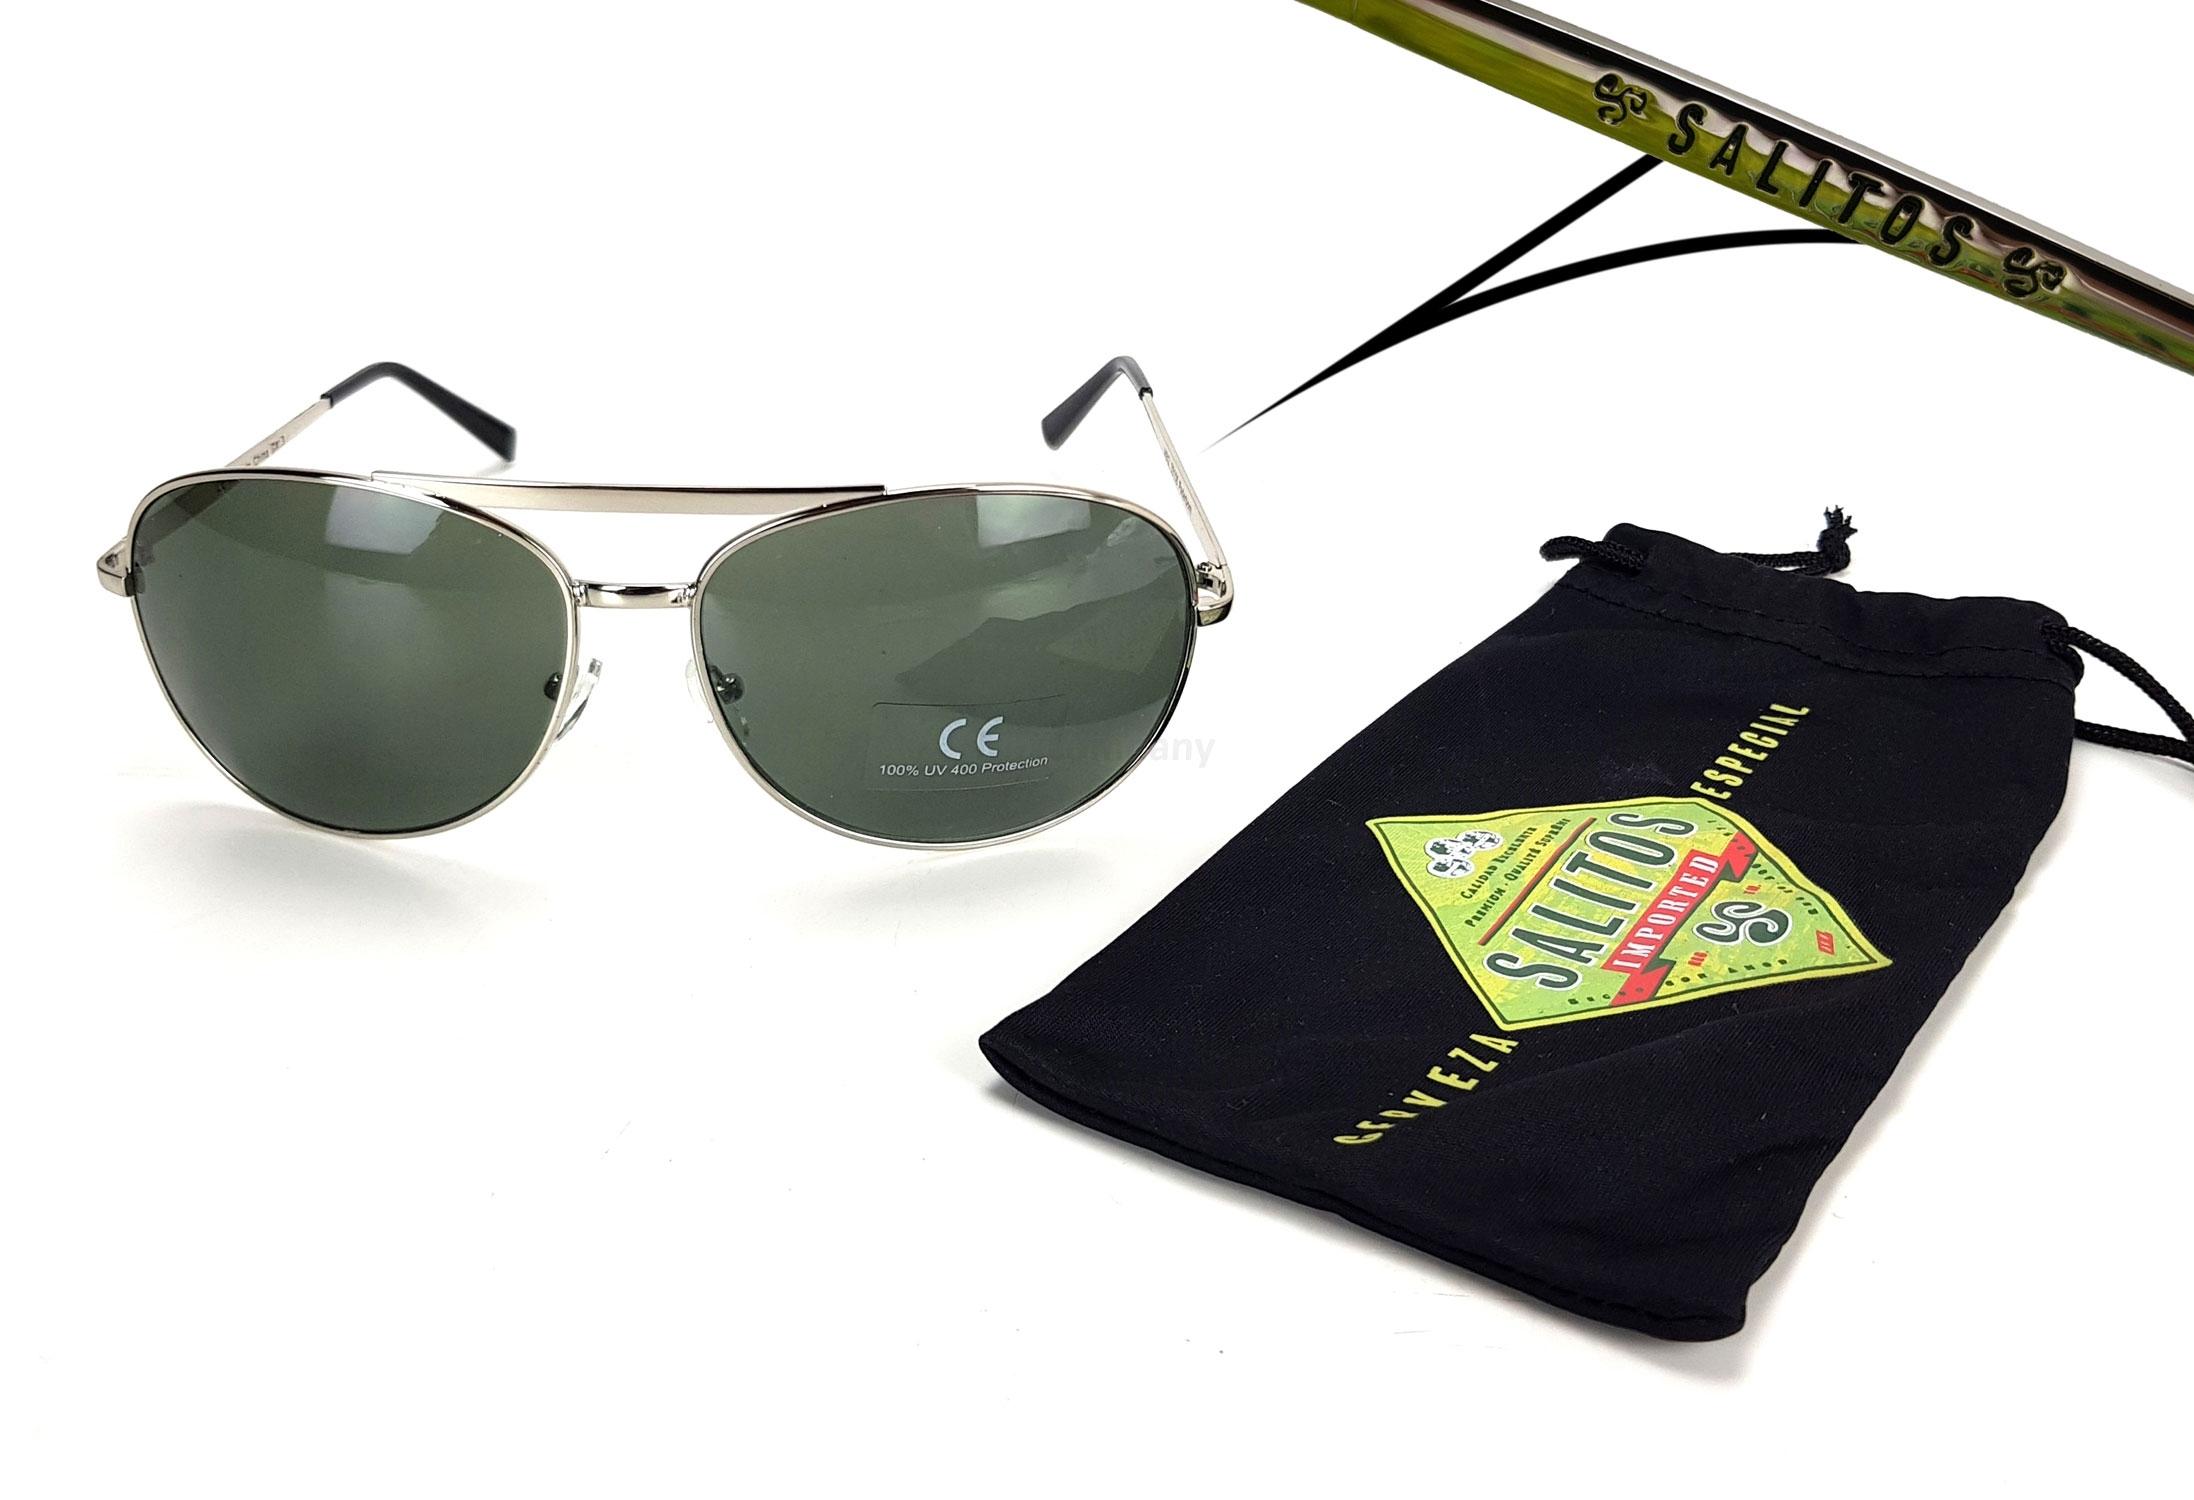 Salitos Sonnenbrille Party Flieger Brille mit Metall gestell und Etui in schwarz - mit 400 UV Schutz